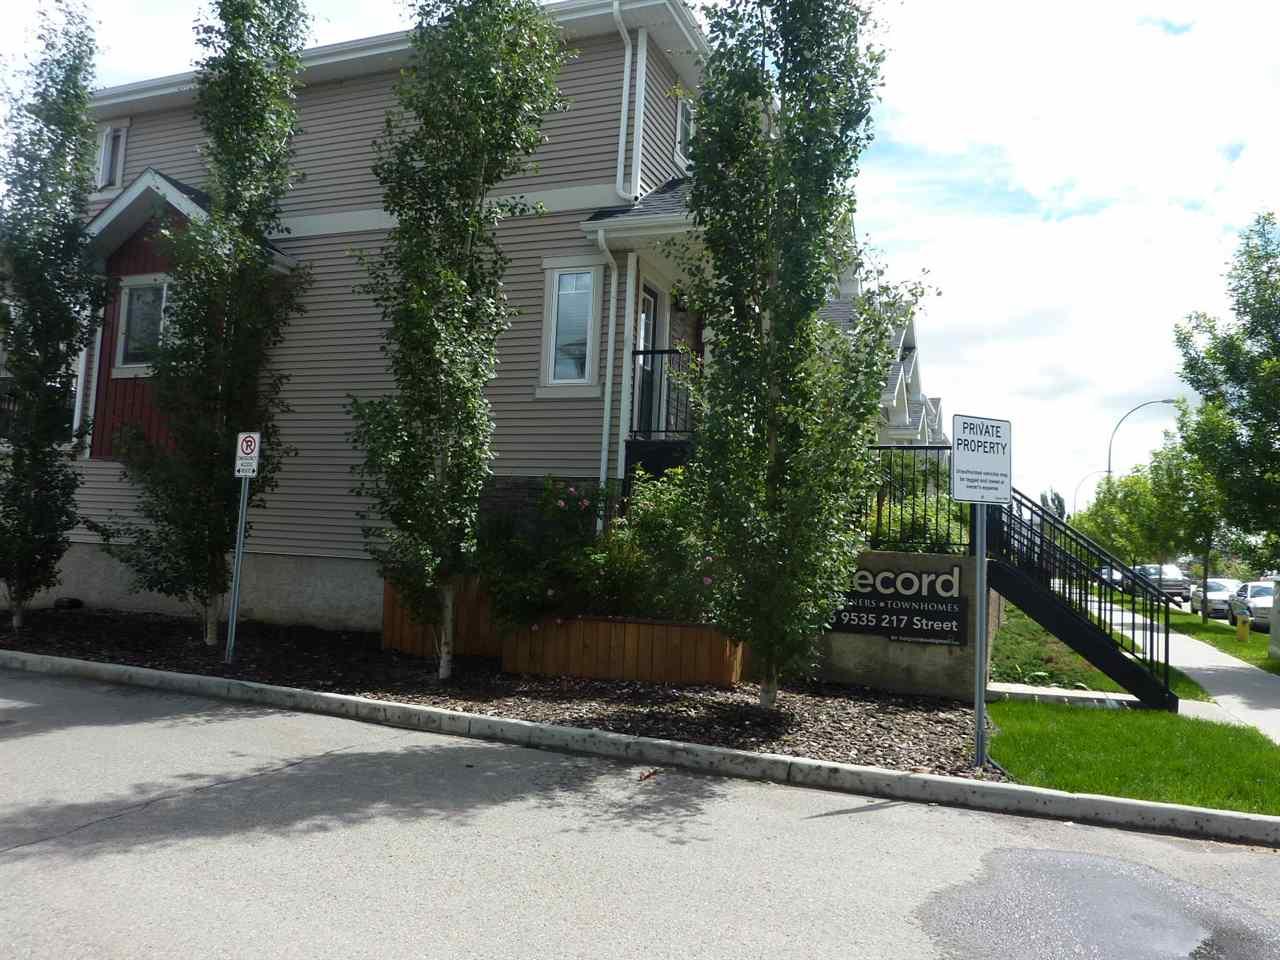 #68,9535 217 Street, Edmonton, MLS® # E4163144